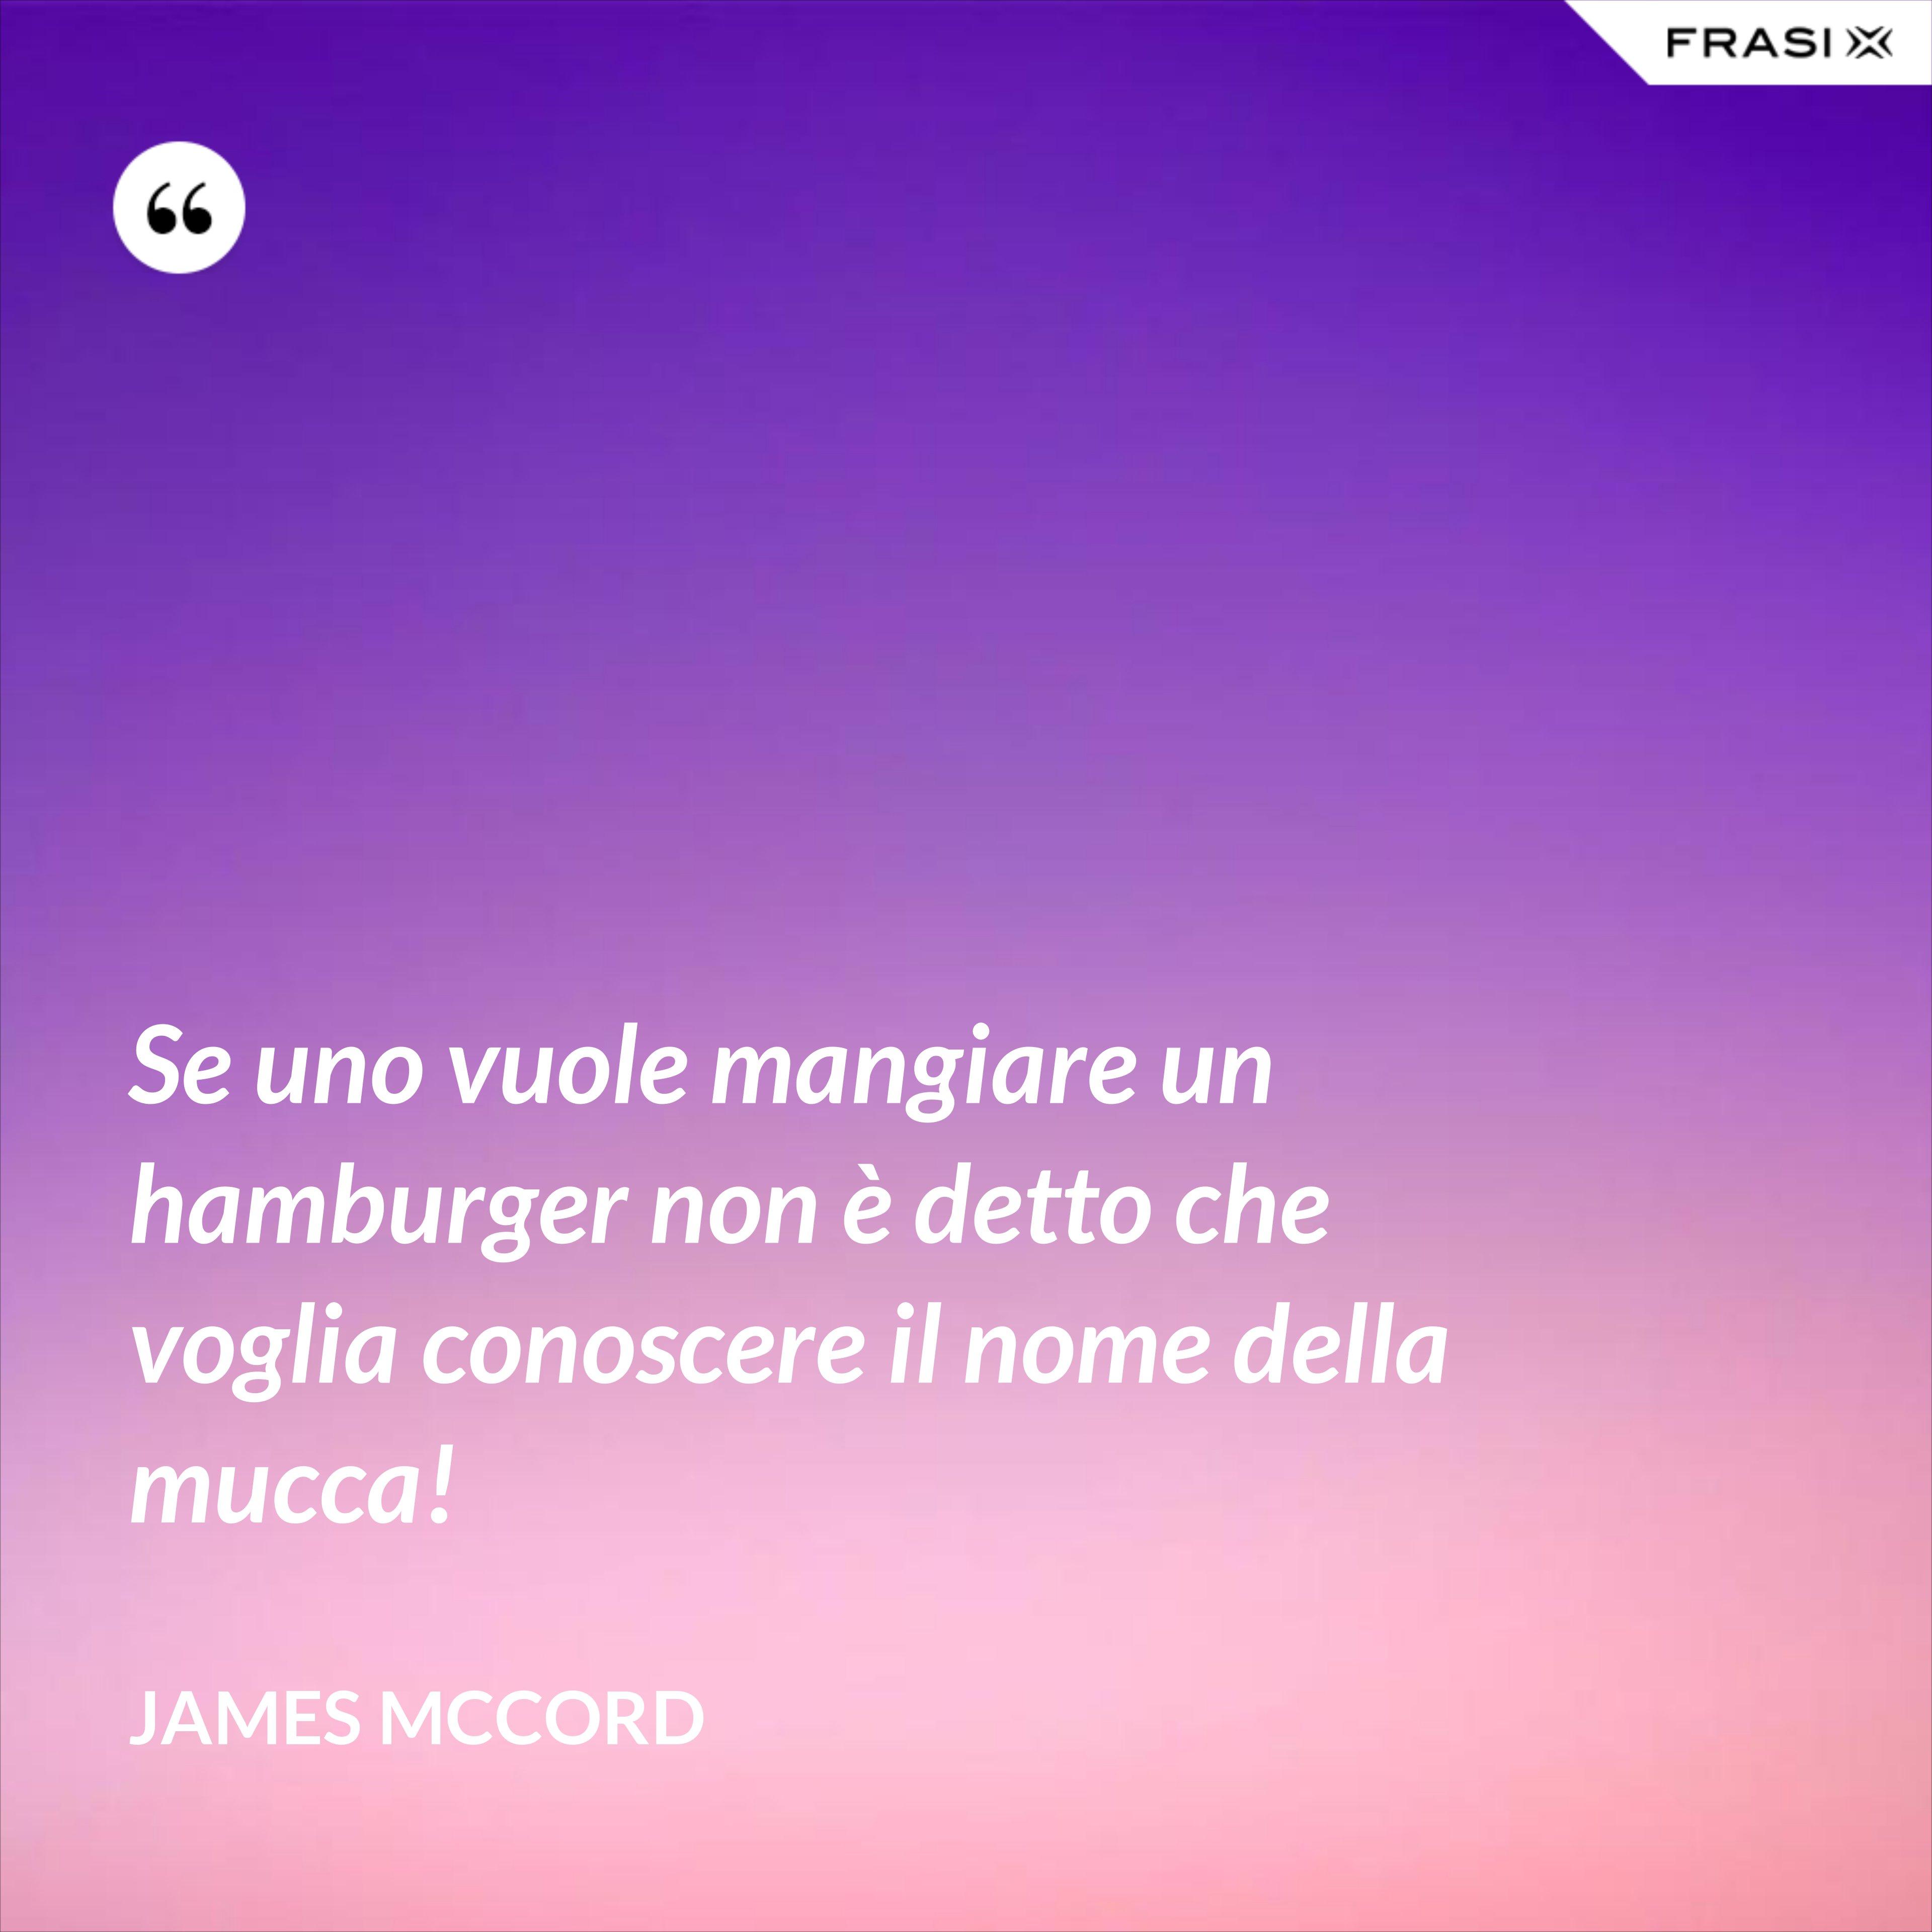 Se uno vuole mangiare un hamburger non è detto che voglia conoscere il nome della mucca! - James McCord